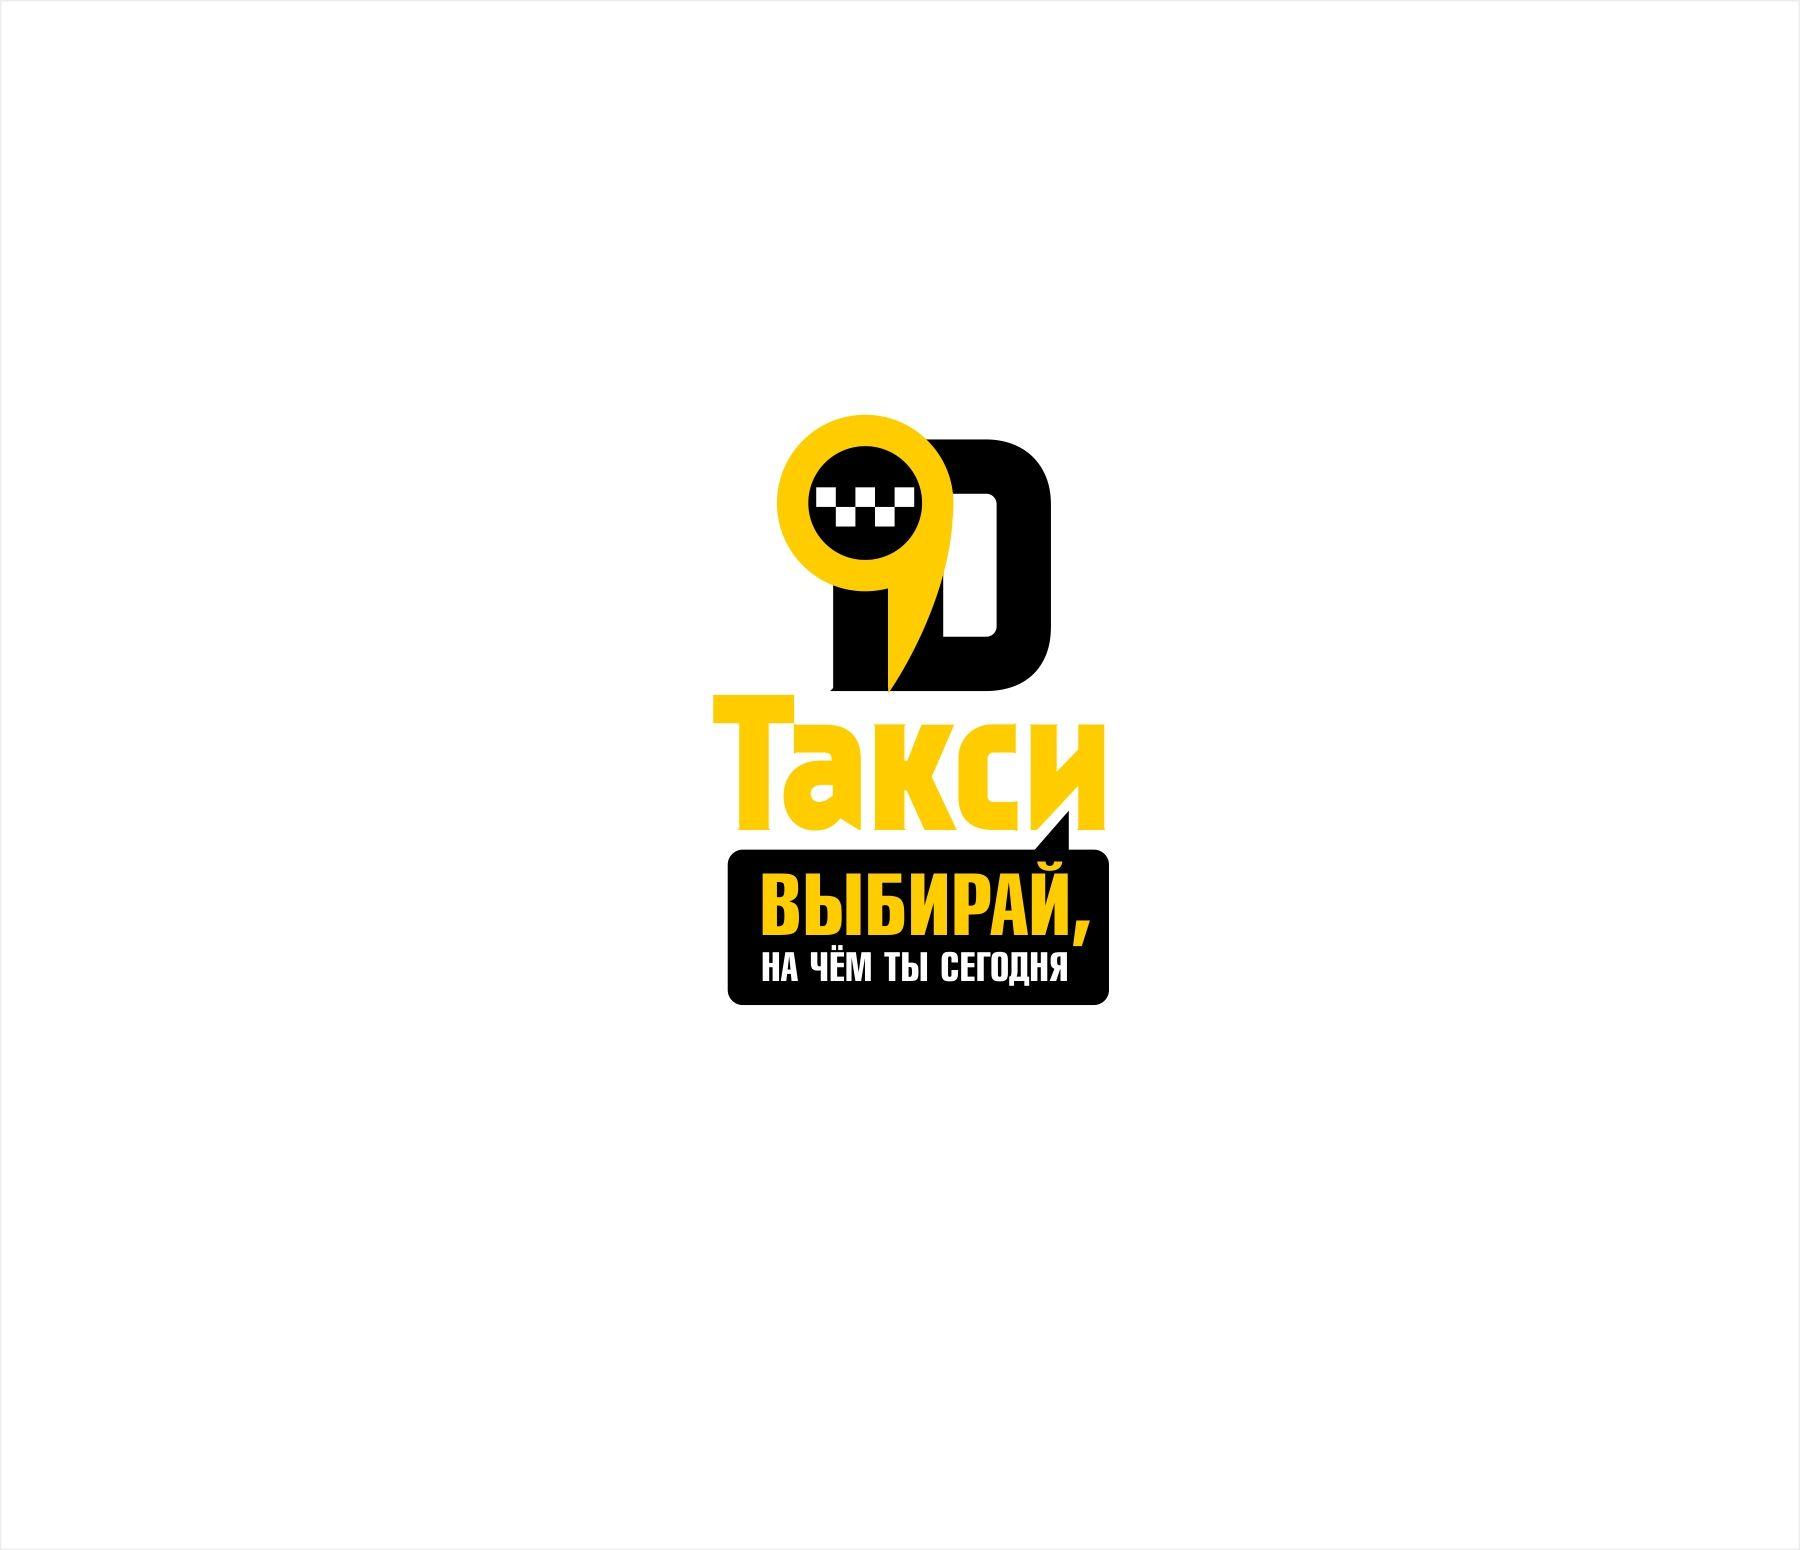 Лого и фирменный стиль для iD Такси - дизайнер kras-sky